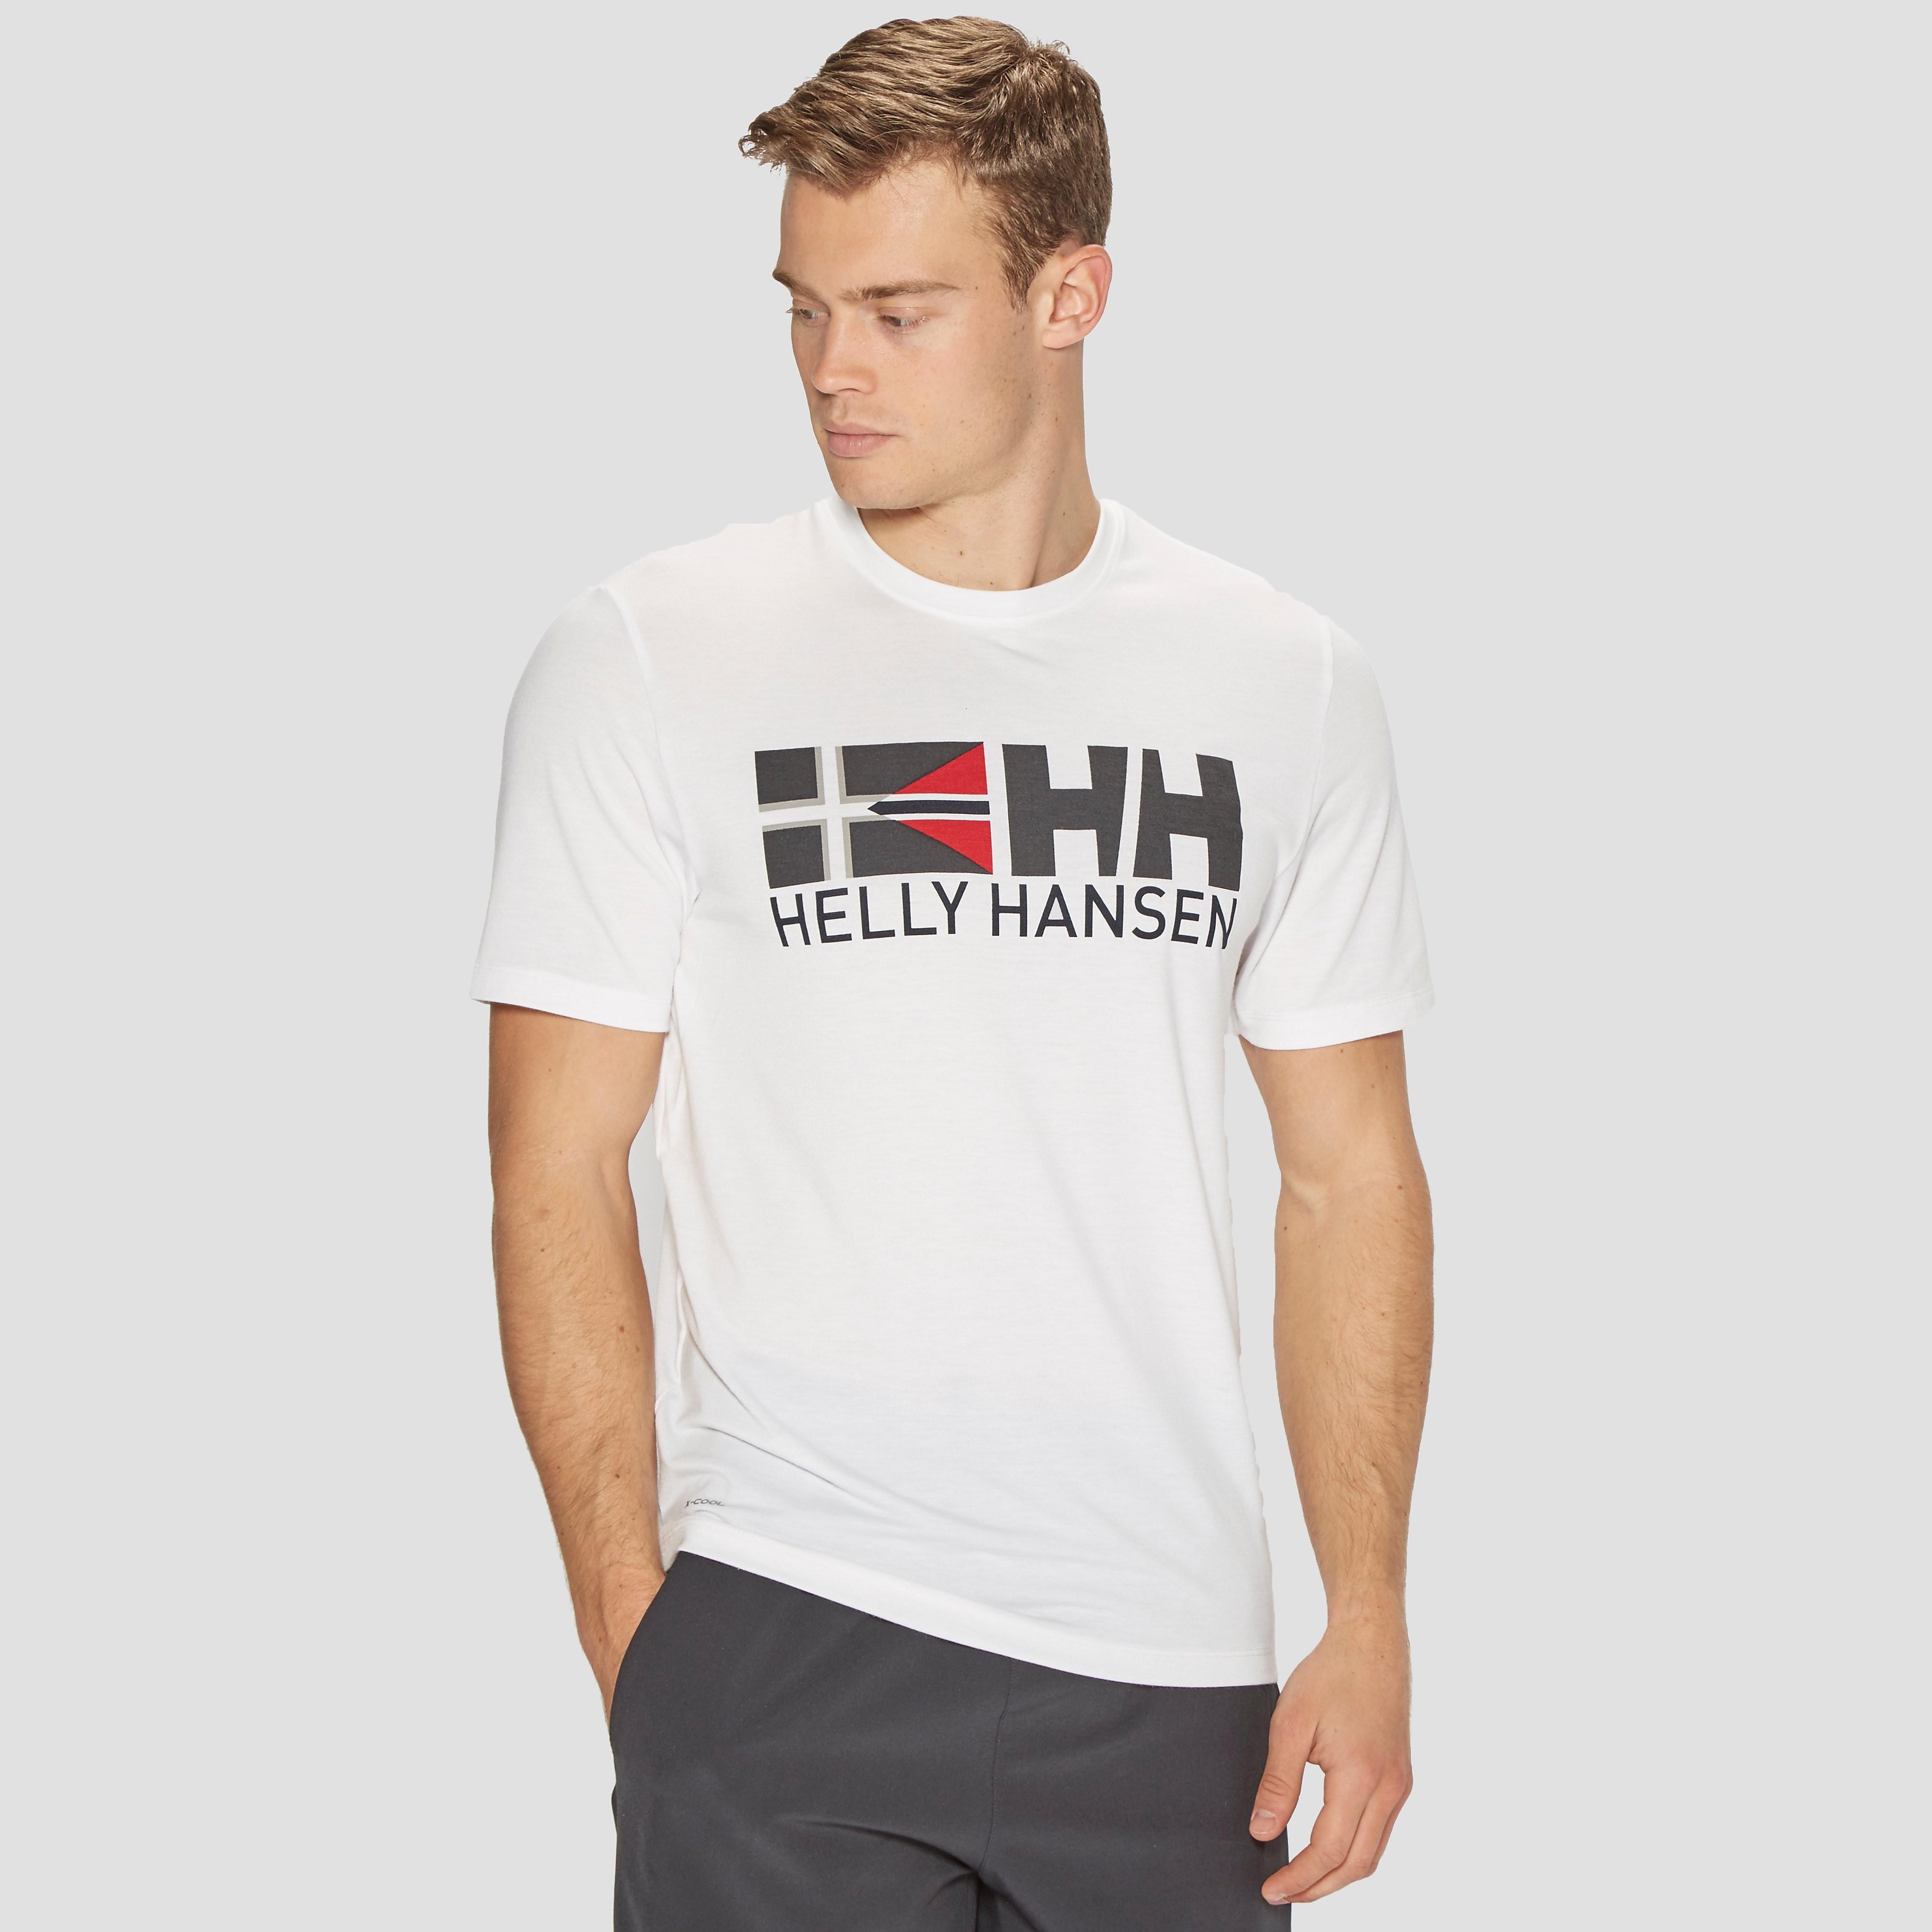 Helly Hansen Rune Men's T-Shirt